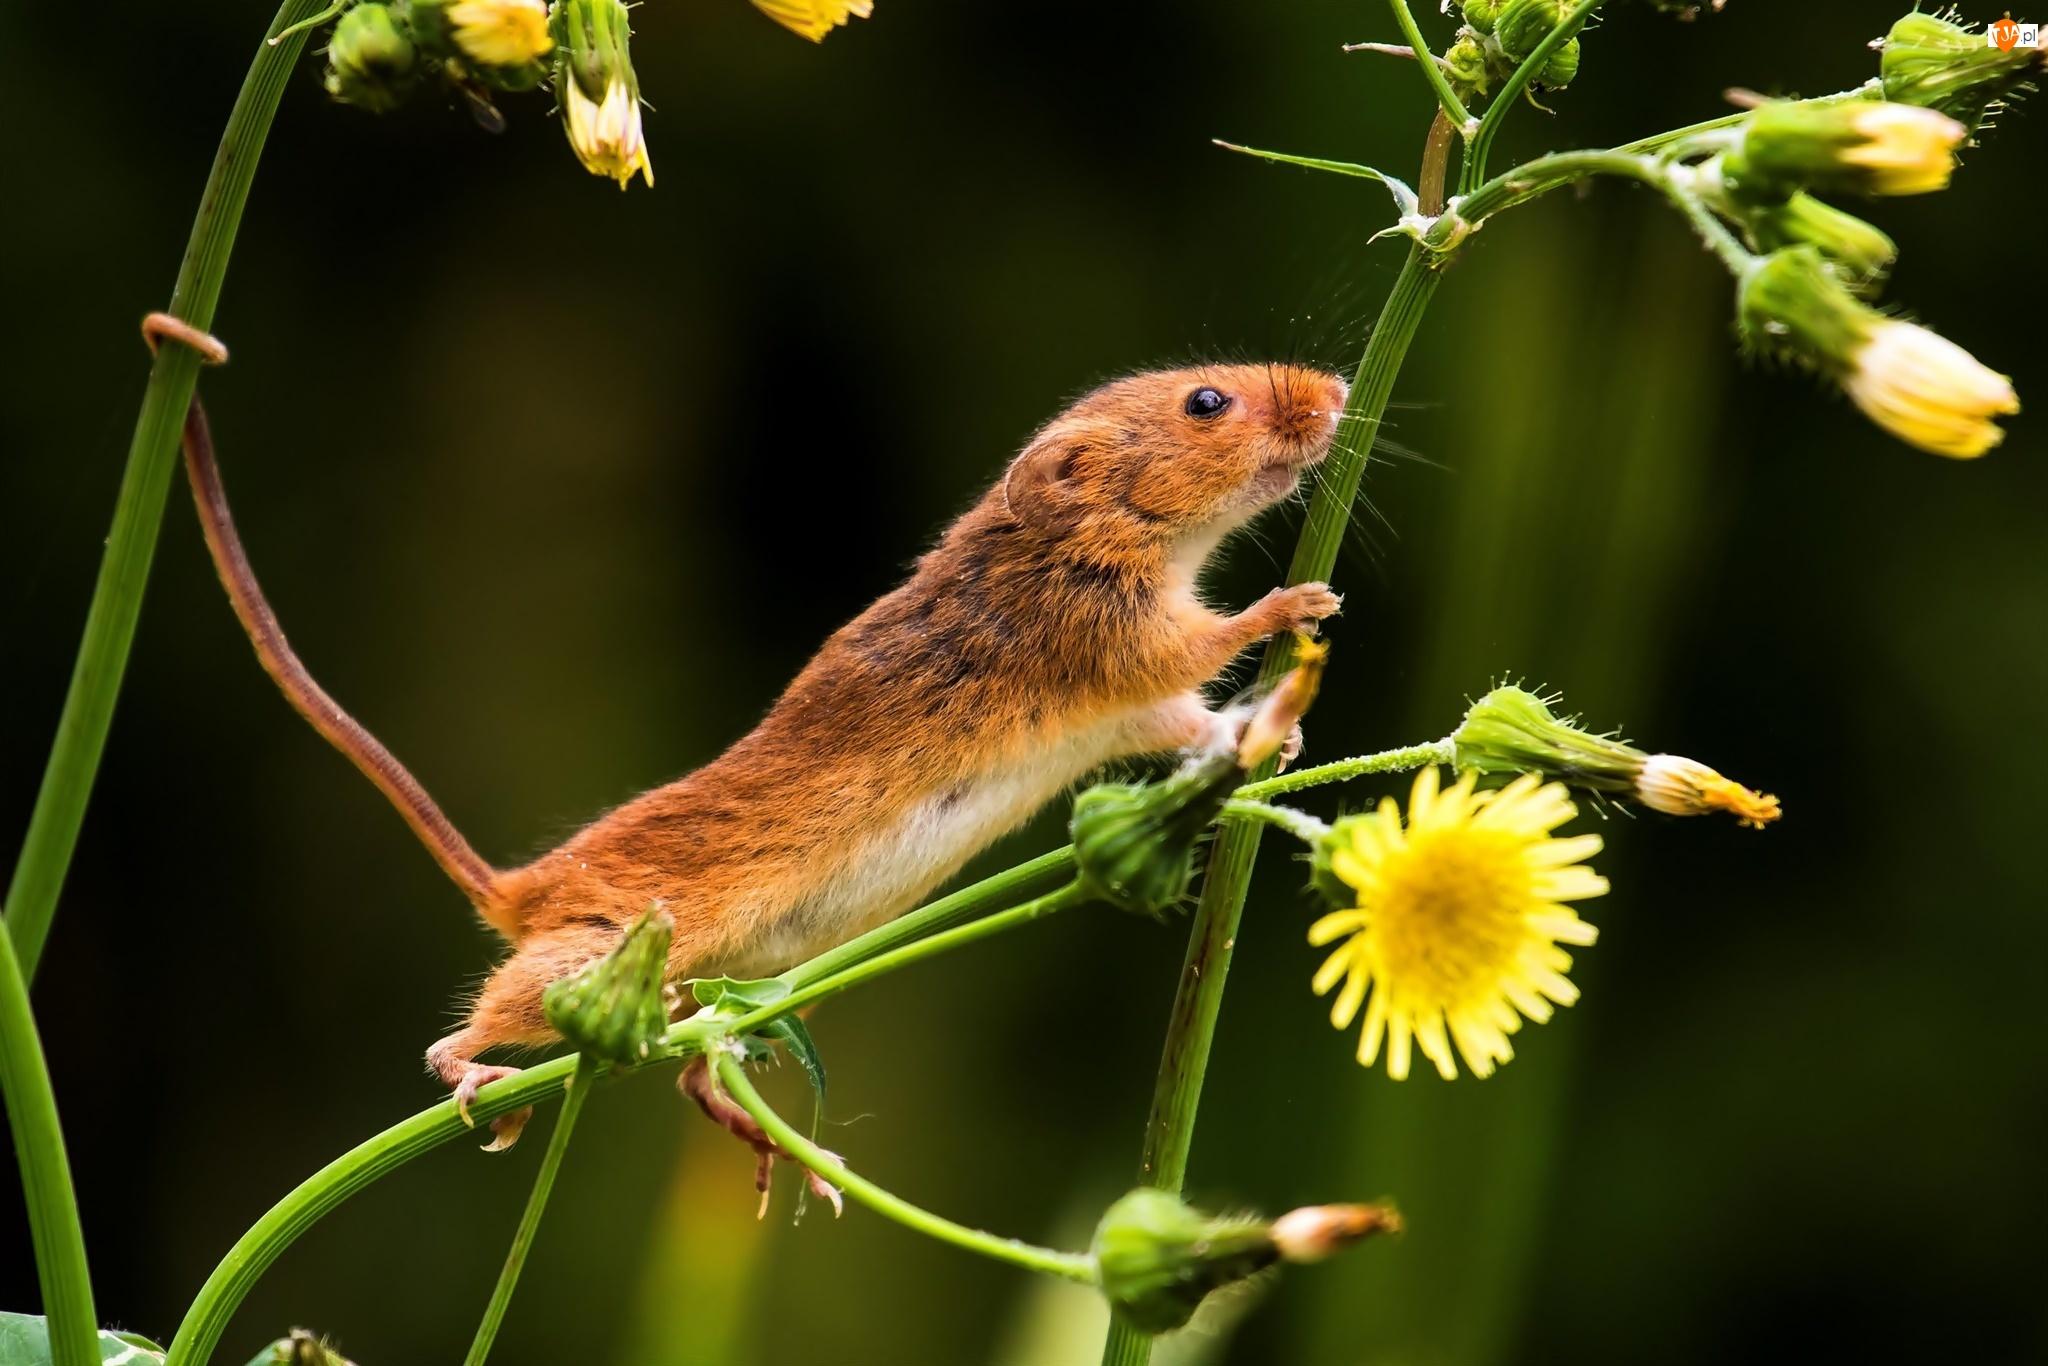 Myszka Badylarka, Kwiaty